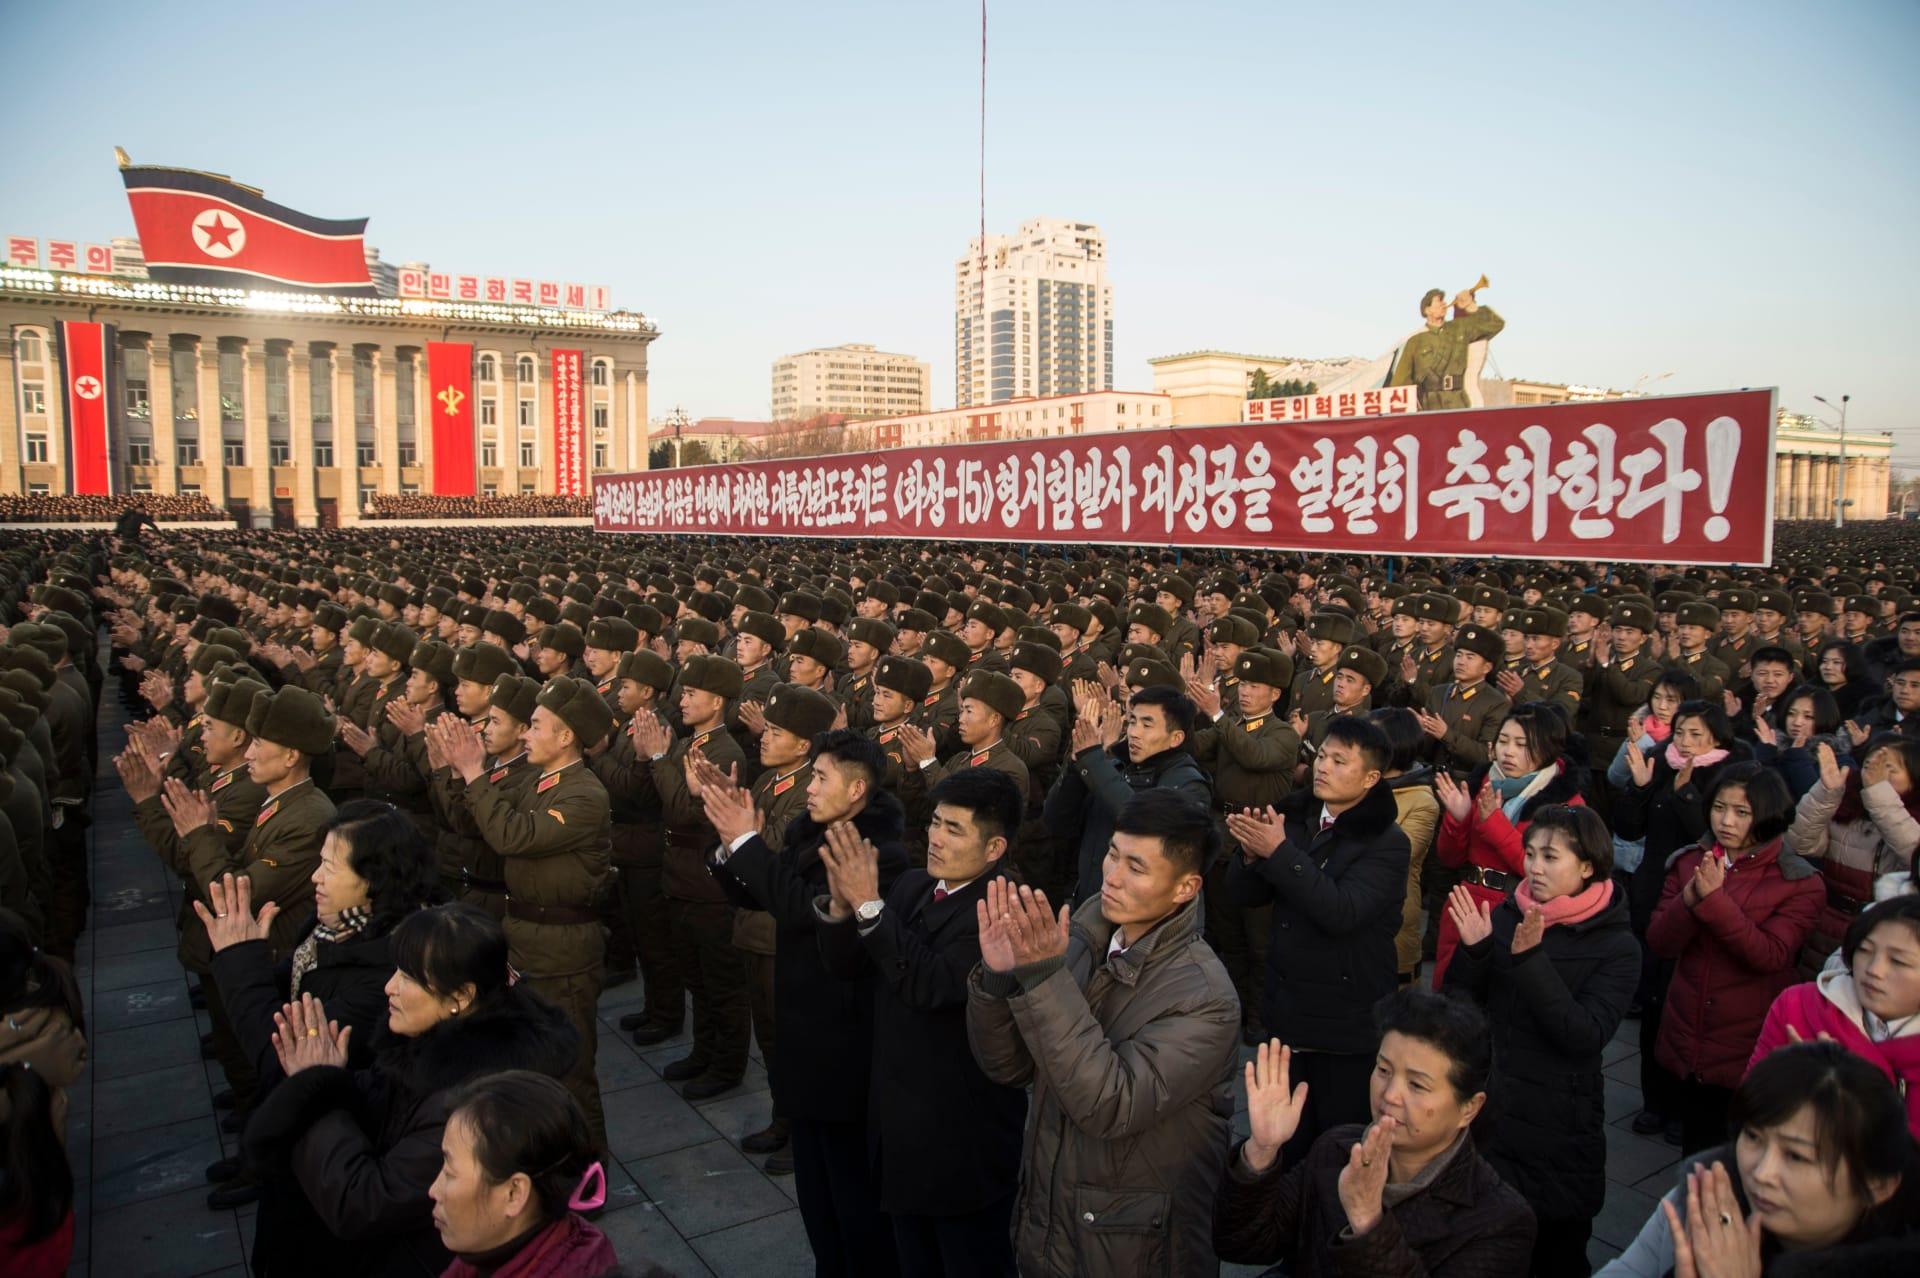 كوريا الشمالية تعلن البدء بتفكيك موقع نووي نهاية الشهر الجاري